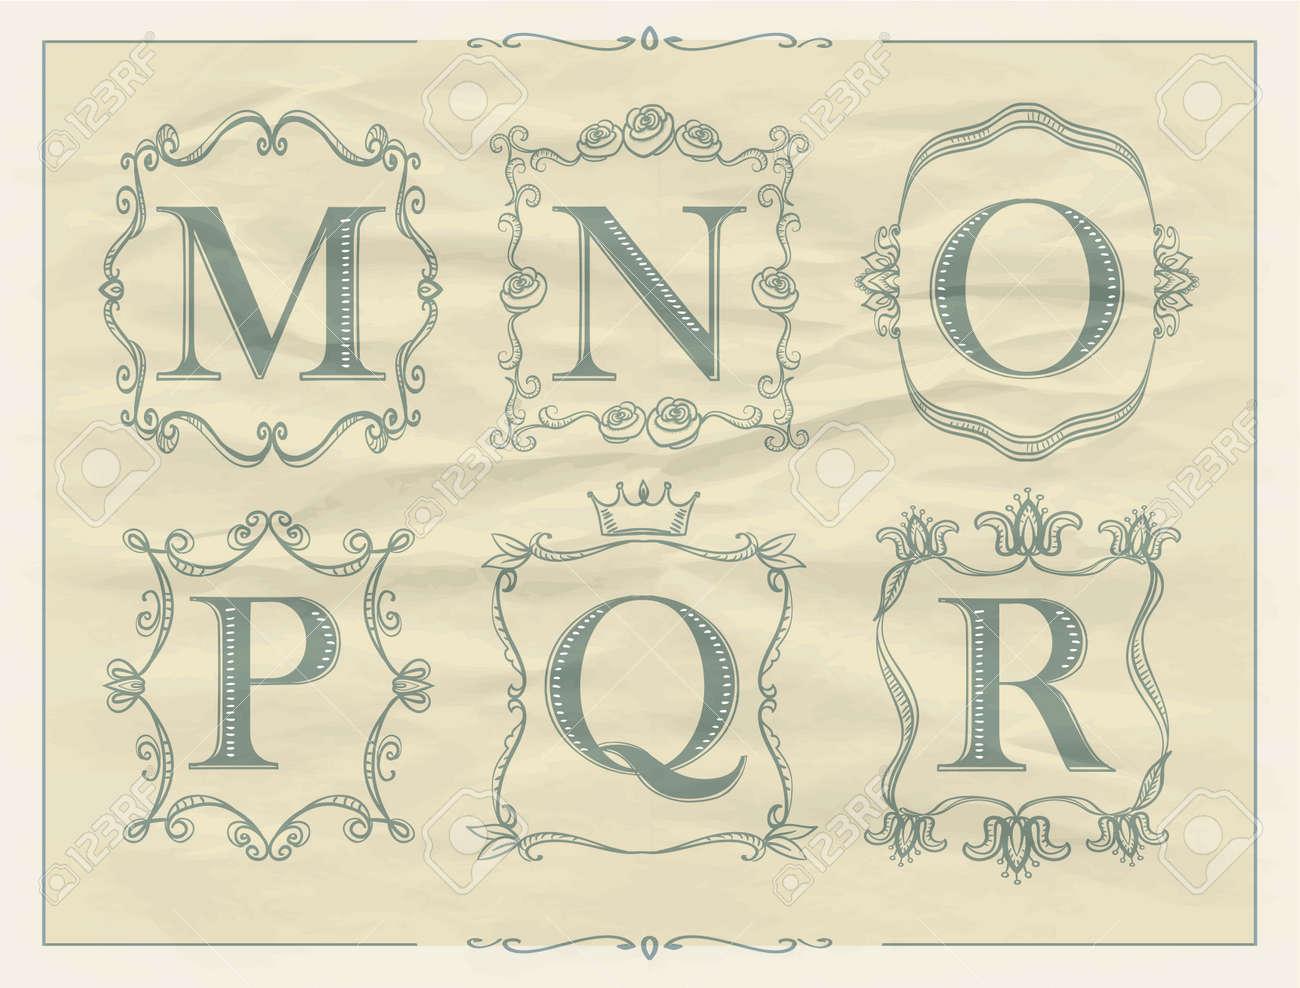 Letras Caligráficas En Marcos Monograma Retro, Alfabeto T - M, N, O ...